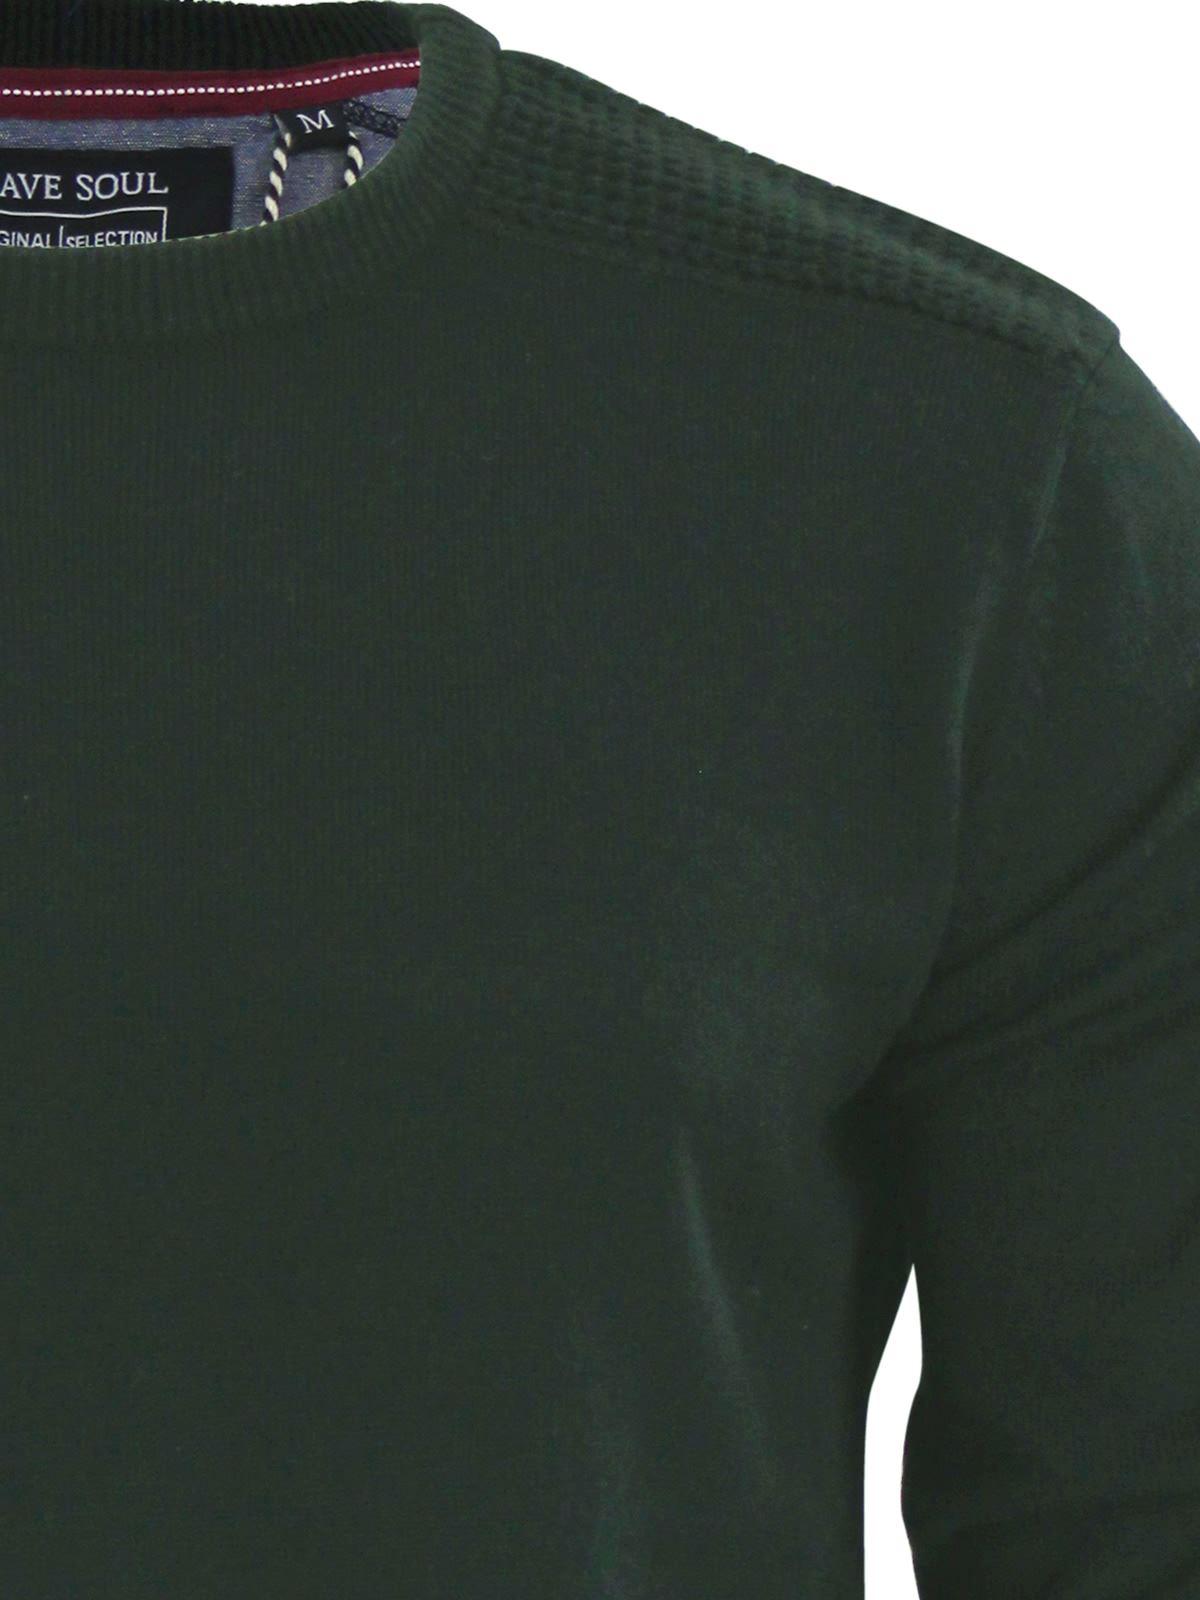 Brave-Soul-Luna-Mens-Jumper-Crew-Neck-Sweater-With-Shoulder-Detailing miniature 13